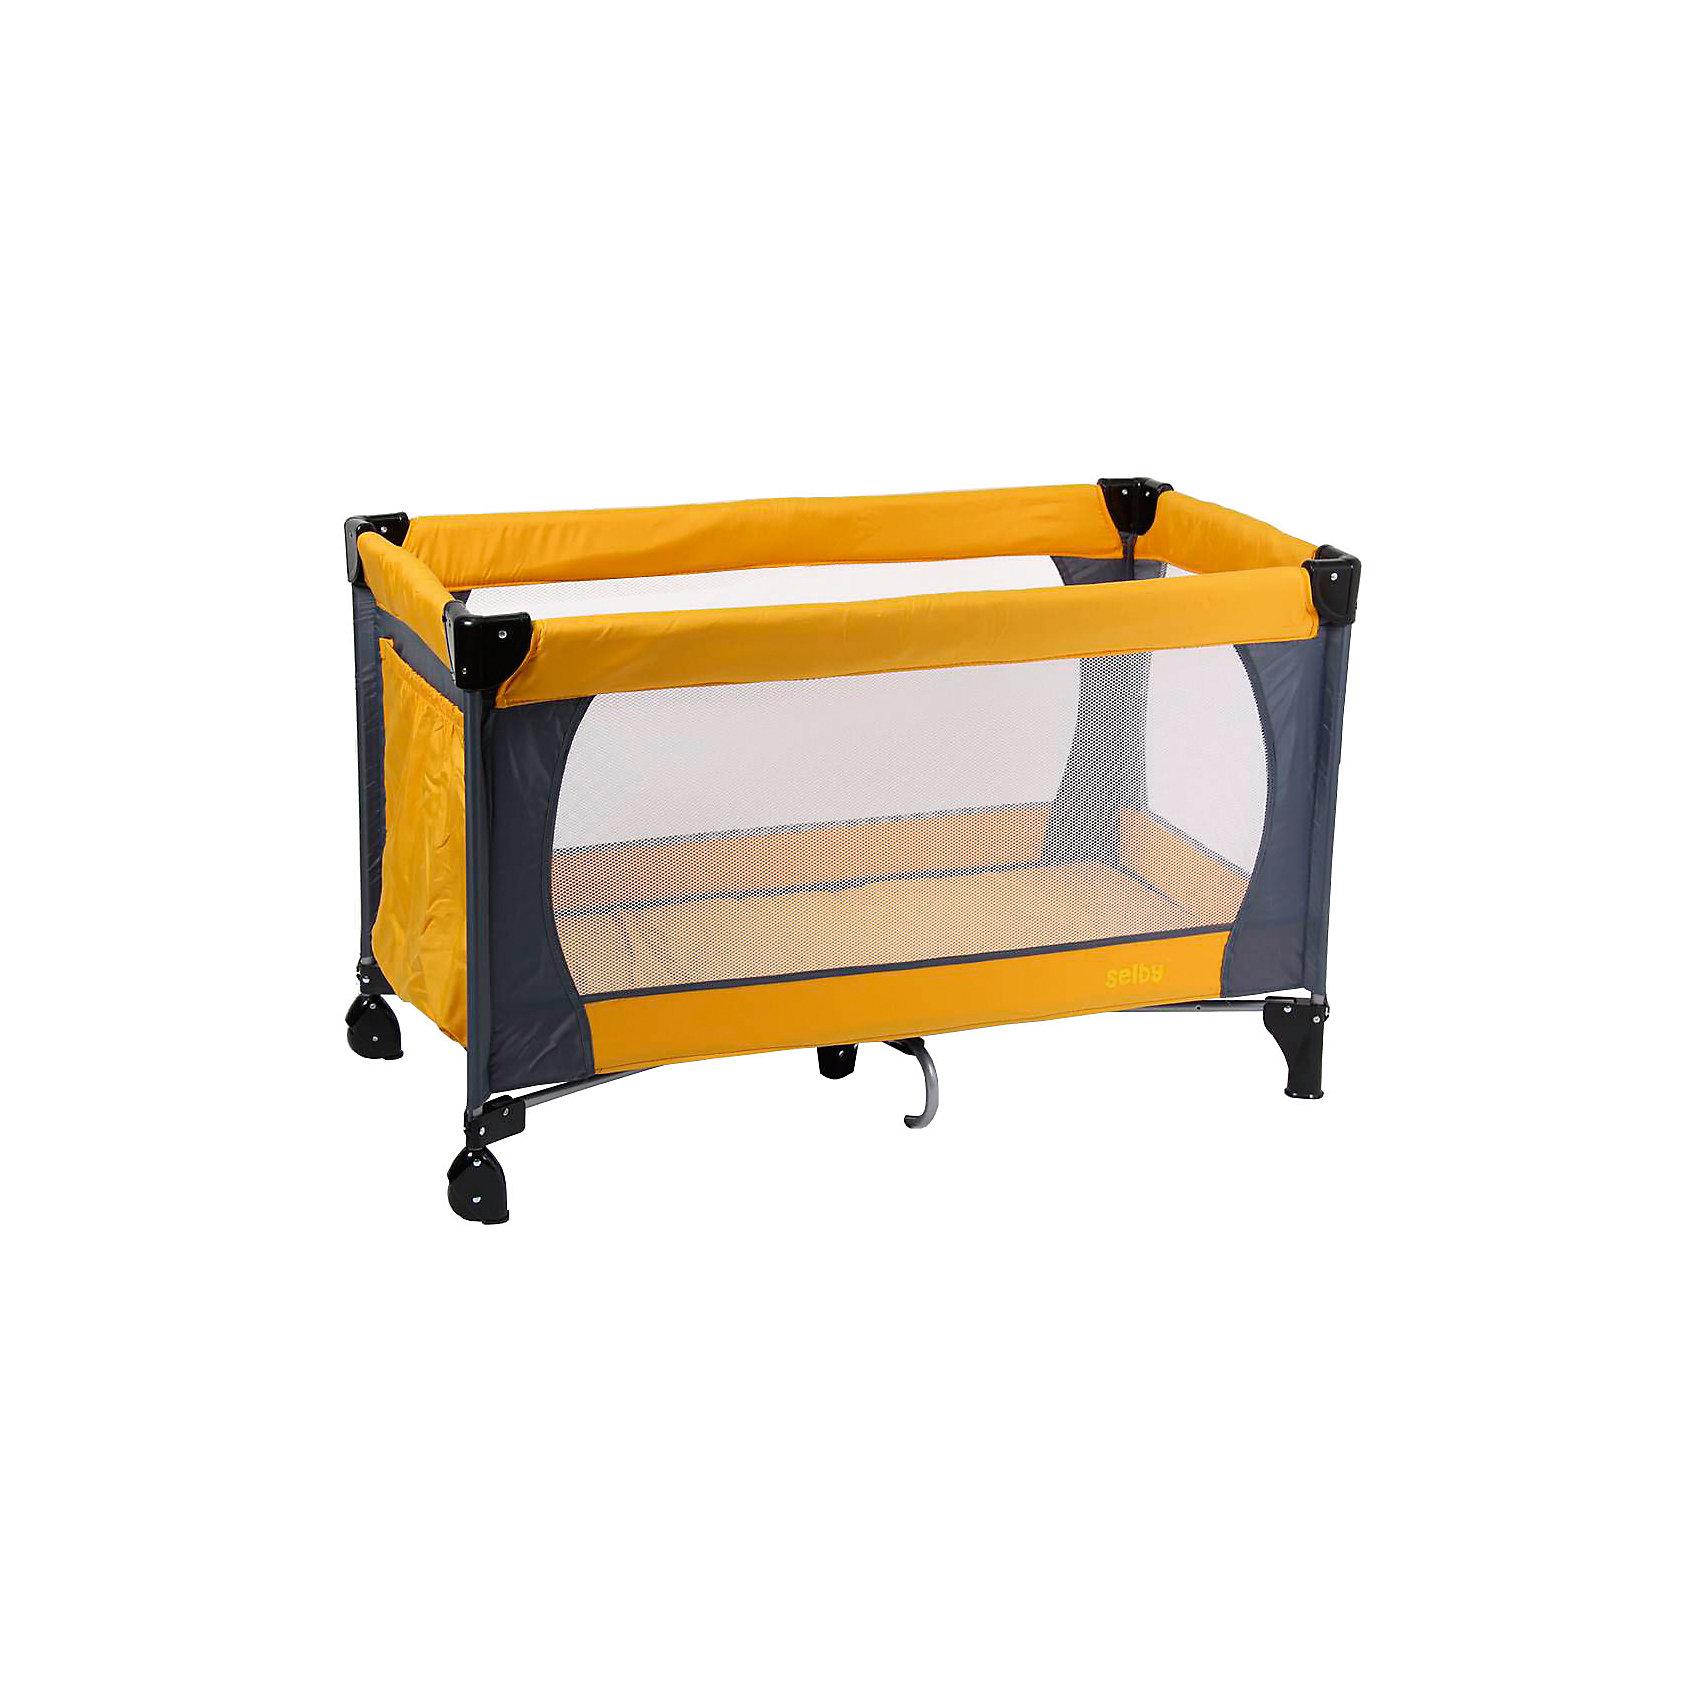 Манеж 211, Selby, оранжевыйИгровые манежи<br>Характеристики товара:<br><br>• возраст с рождения;<br>• материал: пластик;<br>• в комплекте: манеж, сумка;<br>• размер манежа 120х60х76 см;<br>• 2 колеса<br>• углы со специальными накладками<br>• имеется боковой карман для принадлежностей<br>• стенки из сетчатого материала<br>• манеж легко складывается<br>• вес манежа 9,5 кг;<br>• размер упаковки 110х76х77 см;<br>• вес упаковки 10 кг;<br>• страна производитель: Китай.<br><br>Манеж 211 Selby оранжевый — комфортный манеж для игр и отдыха малыша. Стенки манежа выполнены из сетчатого материала, который обеспечивает хороший воздухообмен. 2 колесика облегчают перемещение по квартире. Углы манежа закрыты пластиковыми накладками, чтобы избежать случайных травм. Для хранения игрушек, салфеток, полотенец предусмотрен боковой карман. <br><br>Конструкция отличается хорошей устойчивостью благодаря дополнительному упору по центру. Манеж можно использовать не только дома, но и брать с собой в поездку или на дачу, так как он легко складывается. Для его транспортировки имеется удобная сумка.<br><br>Манеж 211 Selby оранжевый можно приобрести в нашем интернет-магазине.<br><br>Ширина мм: 1100<br>Глубина мм: 760<br>Высота мм: 770<br>Вес г: 10000<br>Возраст от месяцев: 0<br>Возраст до месяцев: 36<br>Пол: Унисекс<br>Возраст: Детский<br>SKU: 5610145